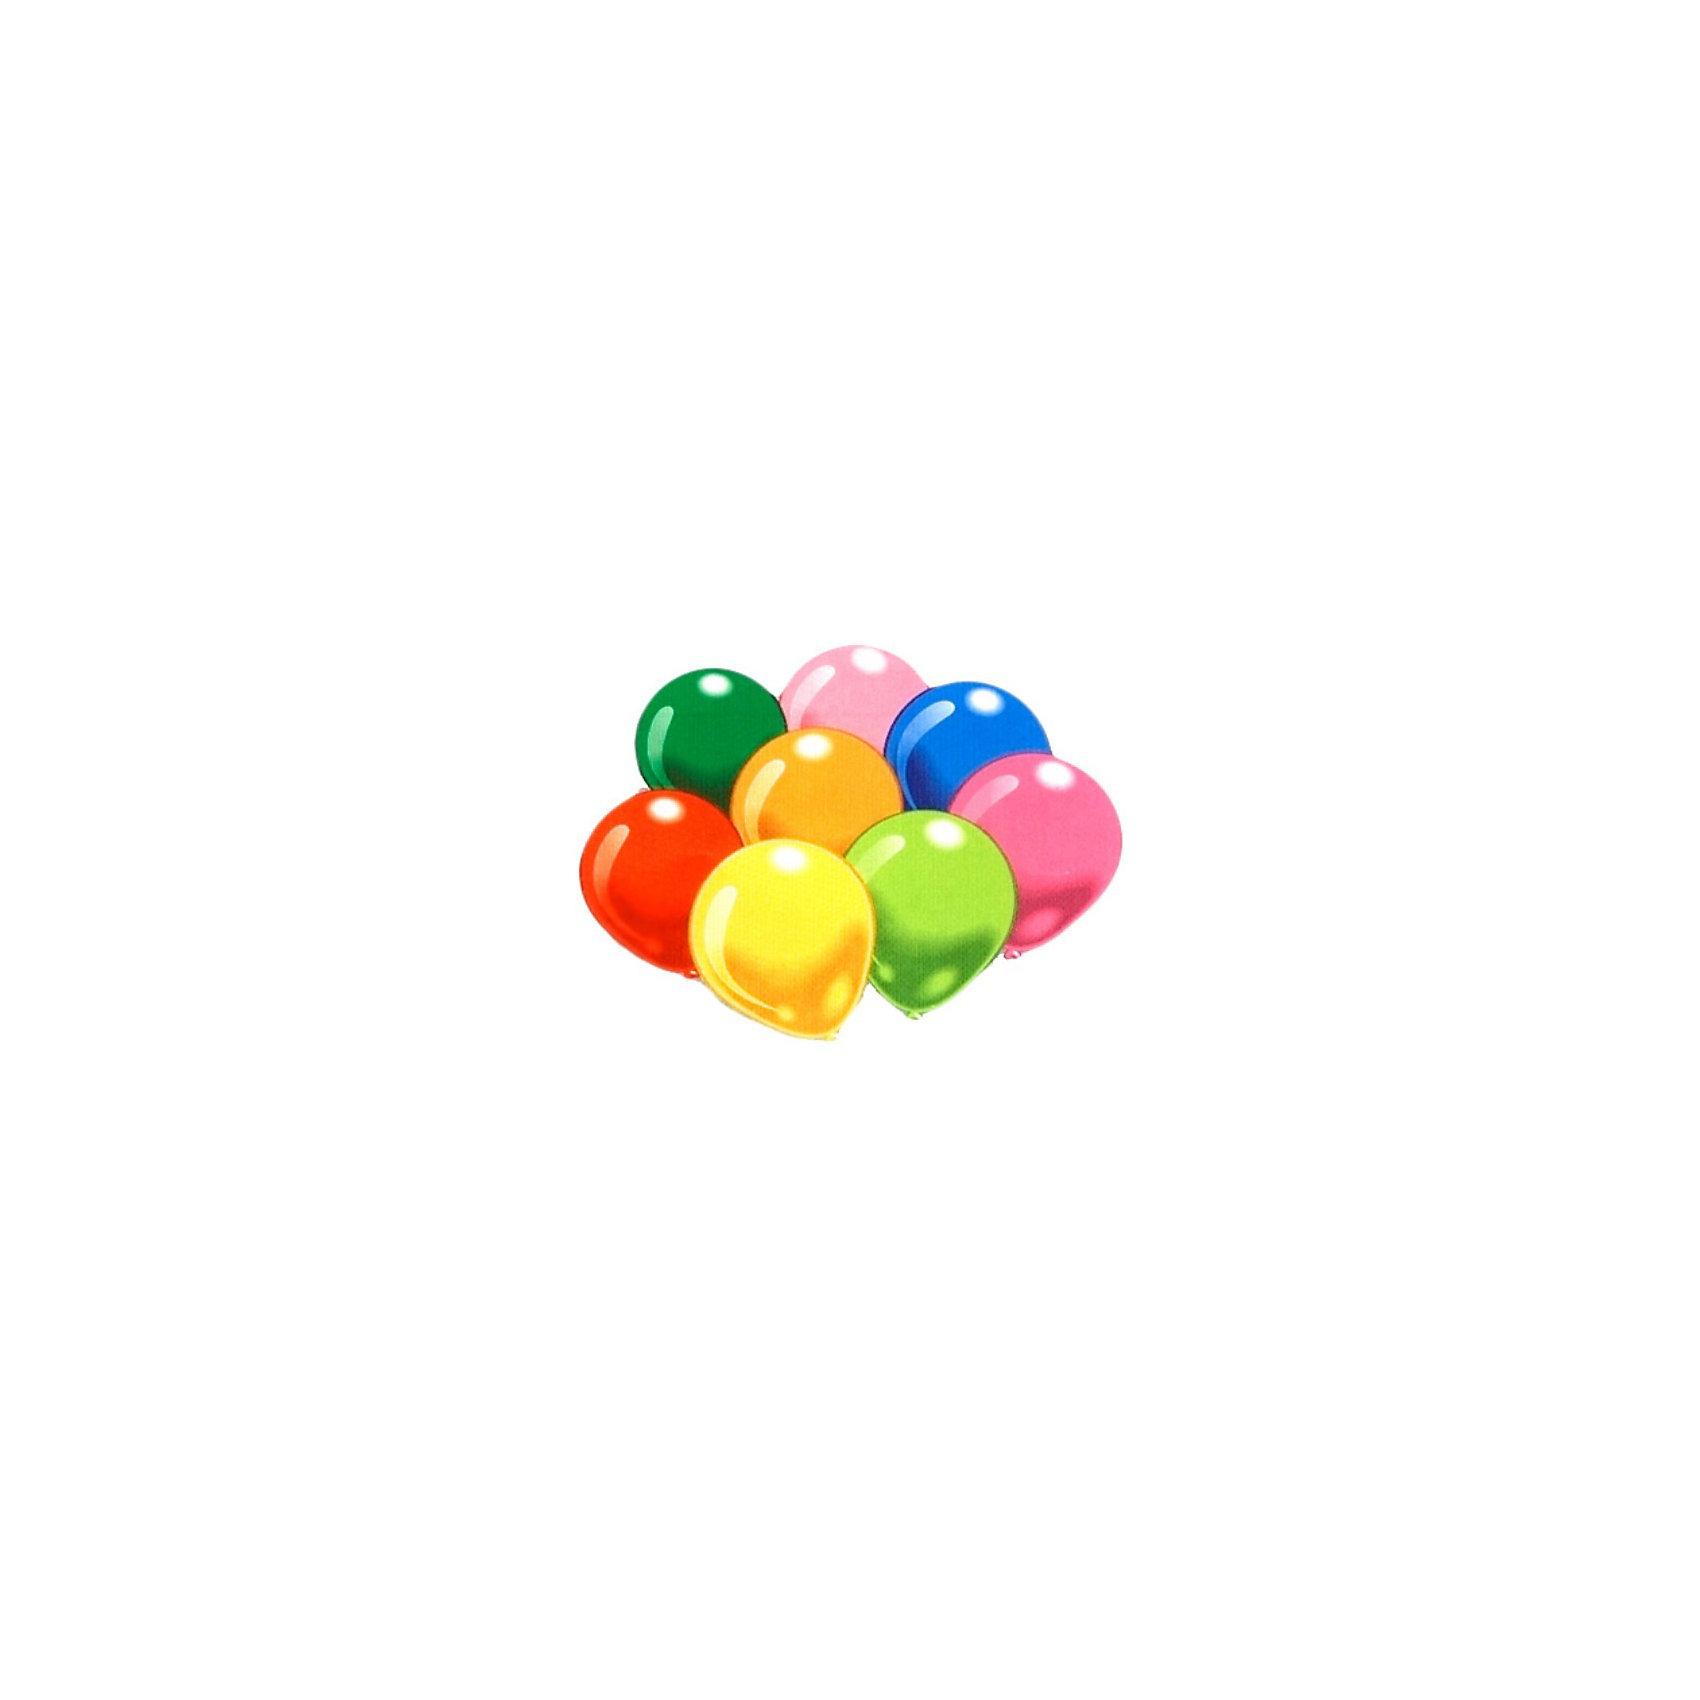 Everts 25 разноцветных шариков ассортиВсё для праздника<br>Набор надувных шариков для декорирования помогут Вам необычно украсить комнату к празднику.<br>В комплекте: 25 шариков разных цветов. Шарики сделаны из безопасных материалов, поэтому играть в них можно с рождения. Надувание шариков способствует развитию дыхательной системы человека, а созерцание развивает эстетическое восприятие.<br><br>Ширина мм: 150<br>Глубина мм: 230<br>Высота мм: 10<br>Вес г: 85<br>Возраст от месяцев: 36<br>Возраст до месяцев: 1188<br>Пол: Унисекс<br>Возраст: Детский<br>SKU: 2433019